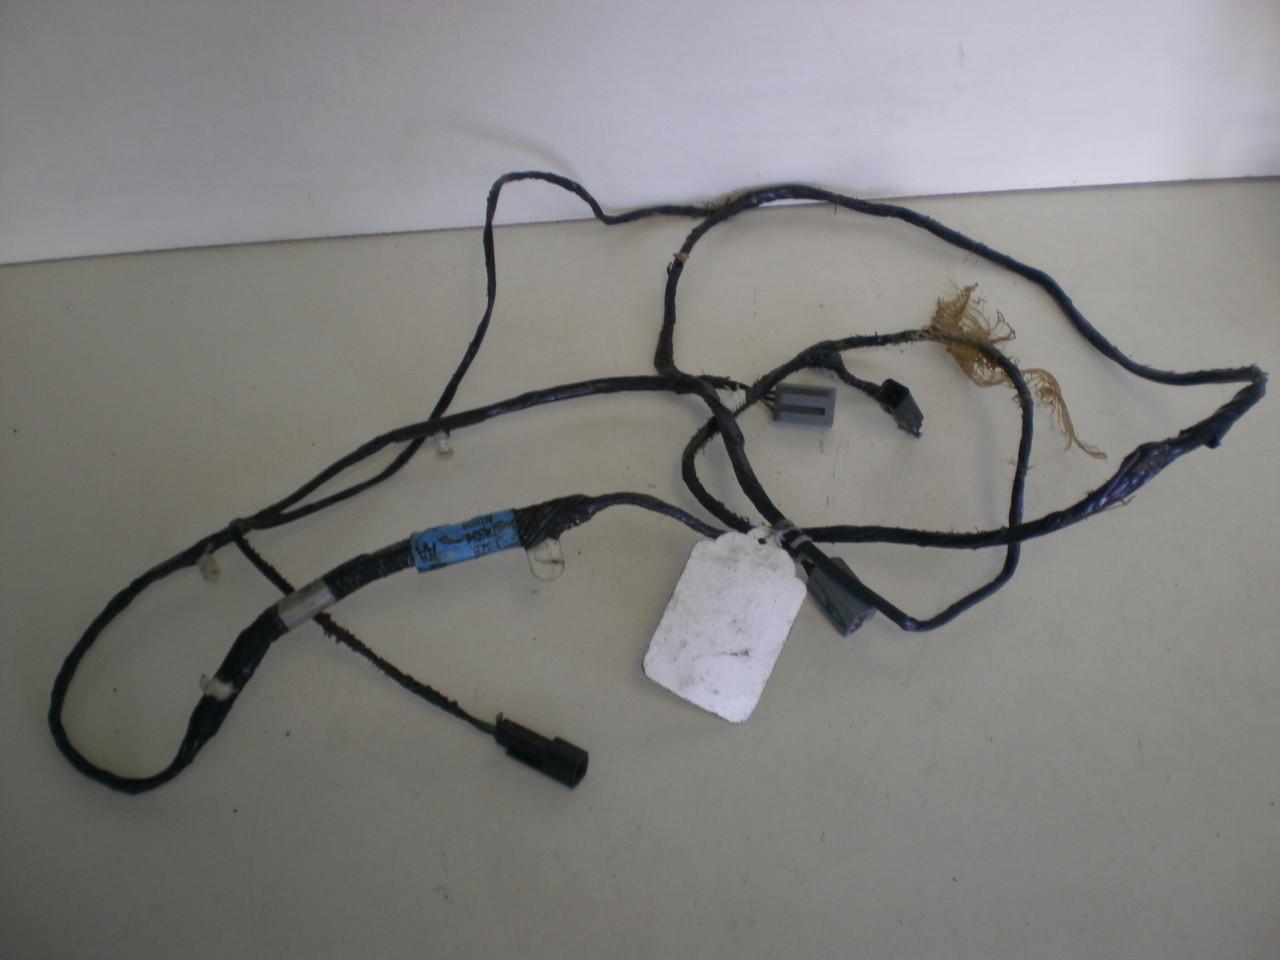 2004 mustang wiring harnes [ 1280 x 960 Pixel ]